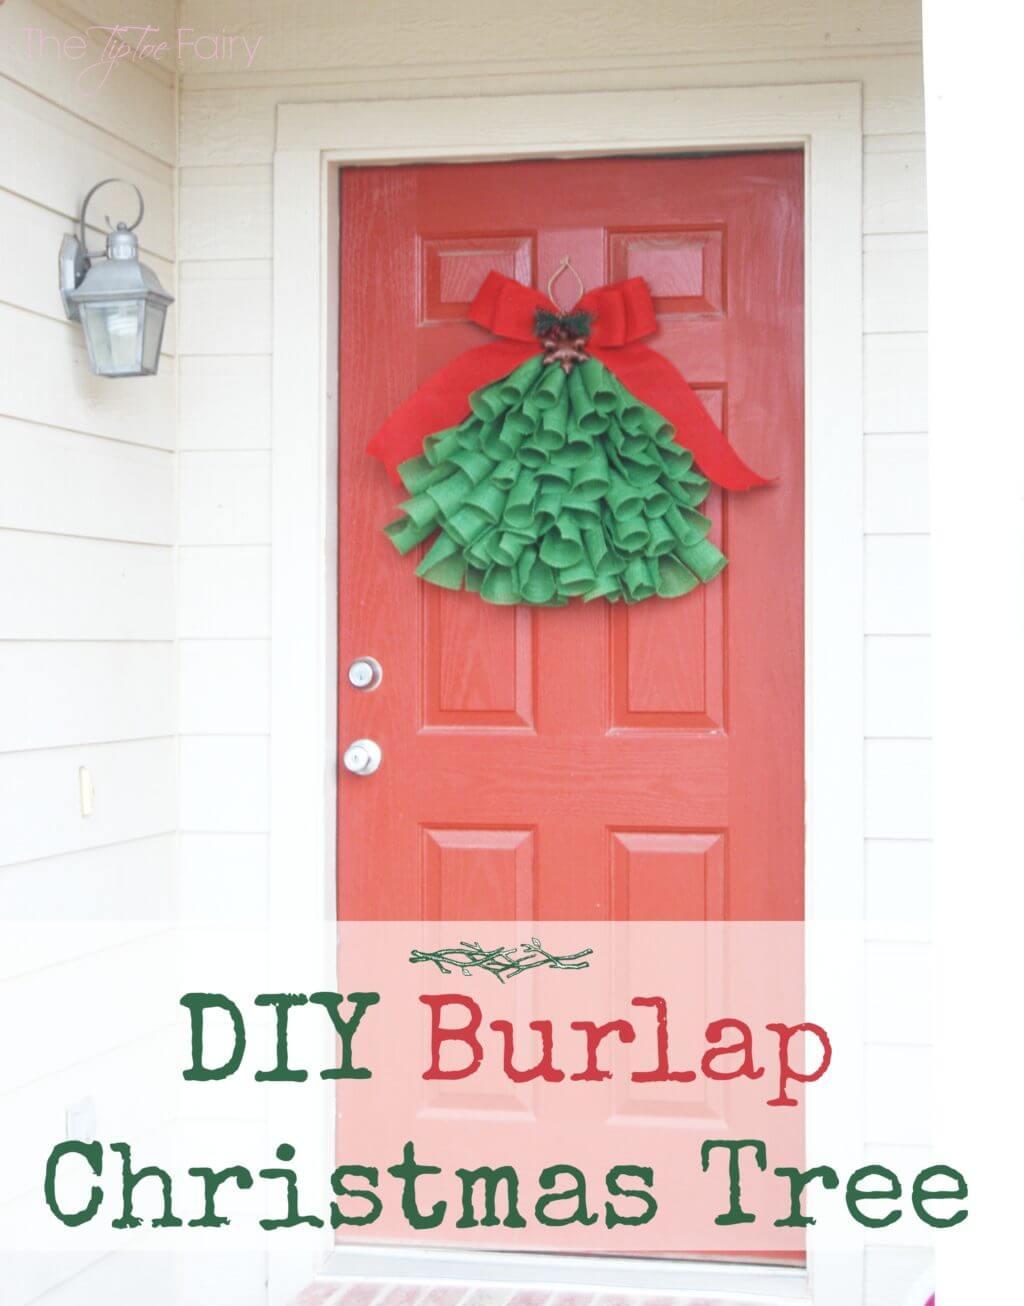 DIY Burlap Christmas Tree Door Hanging